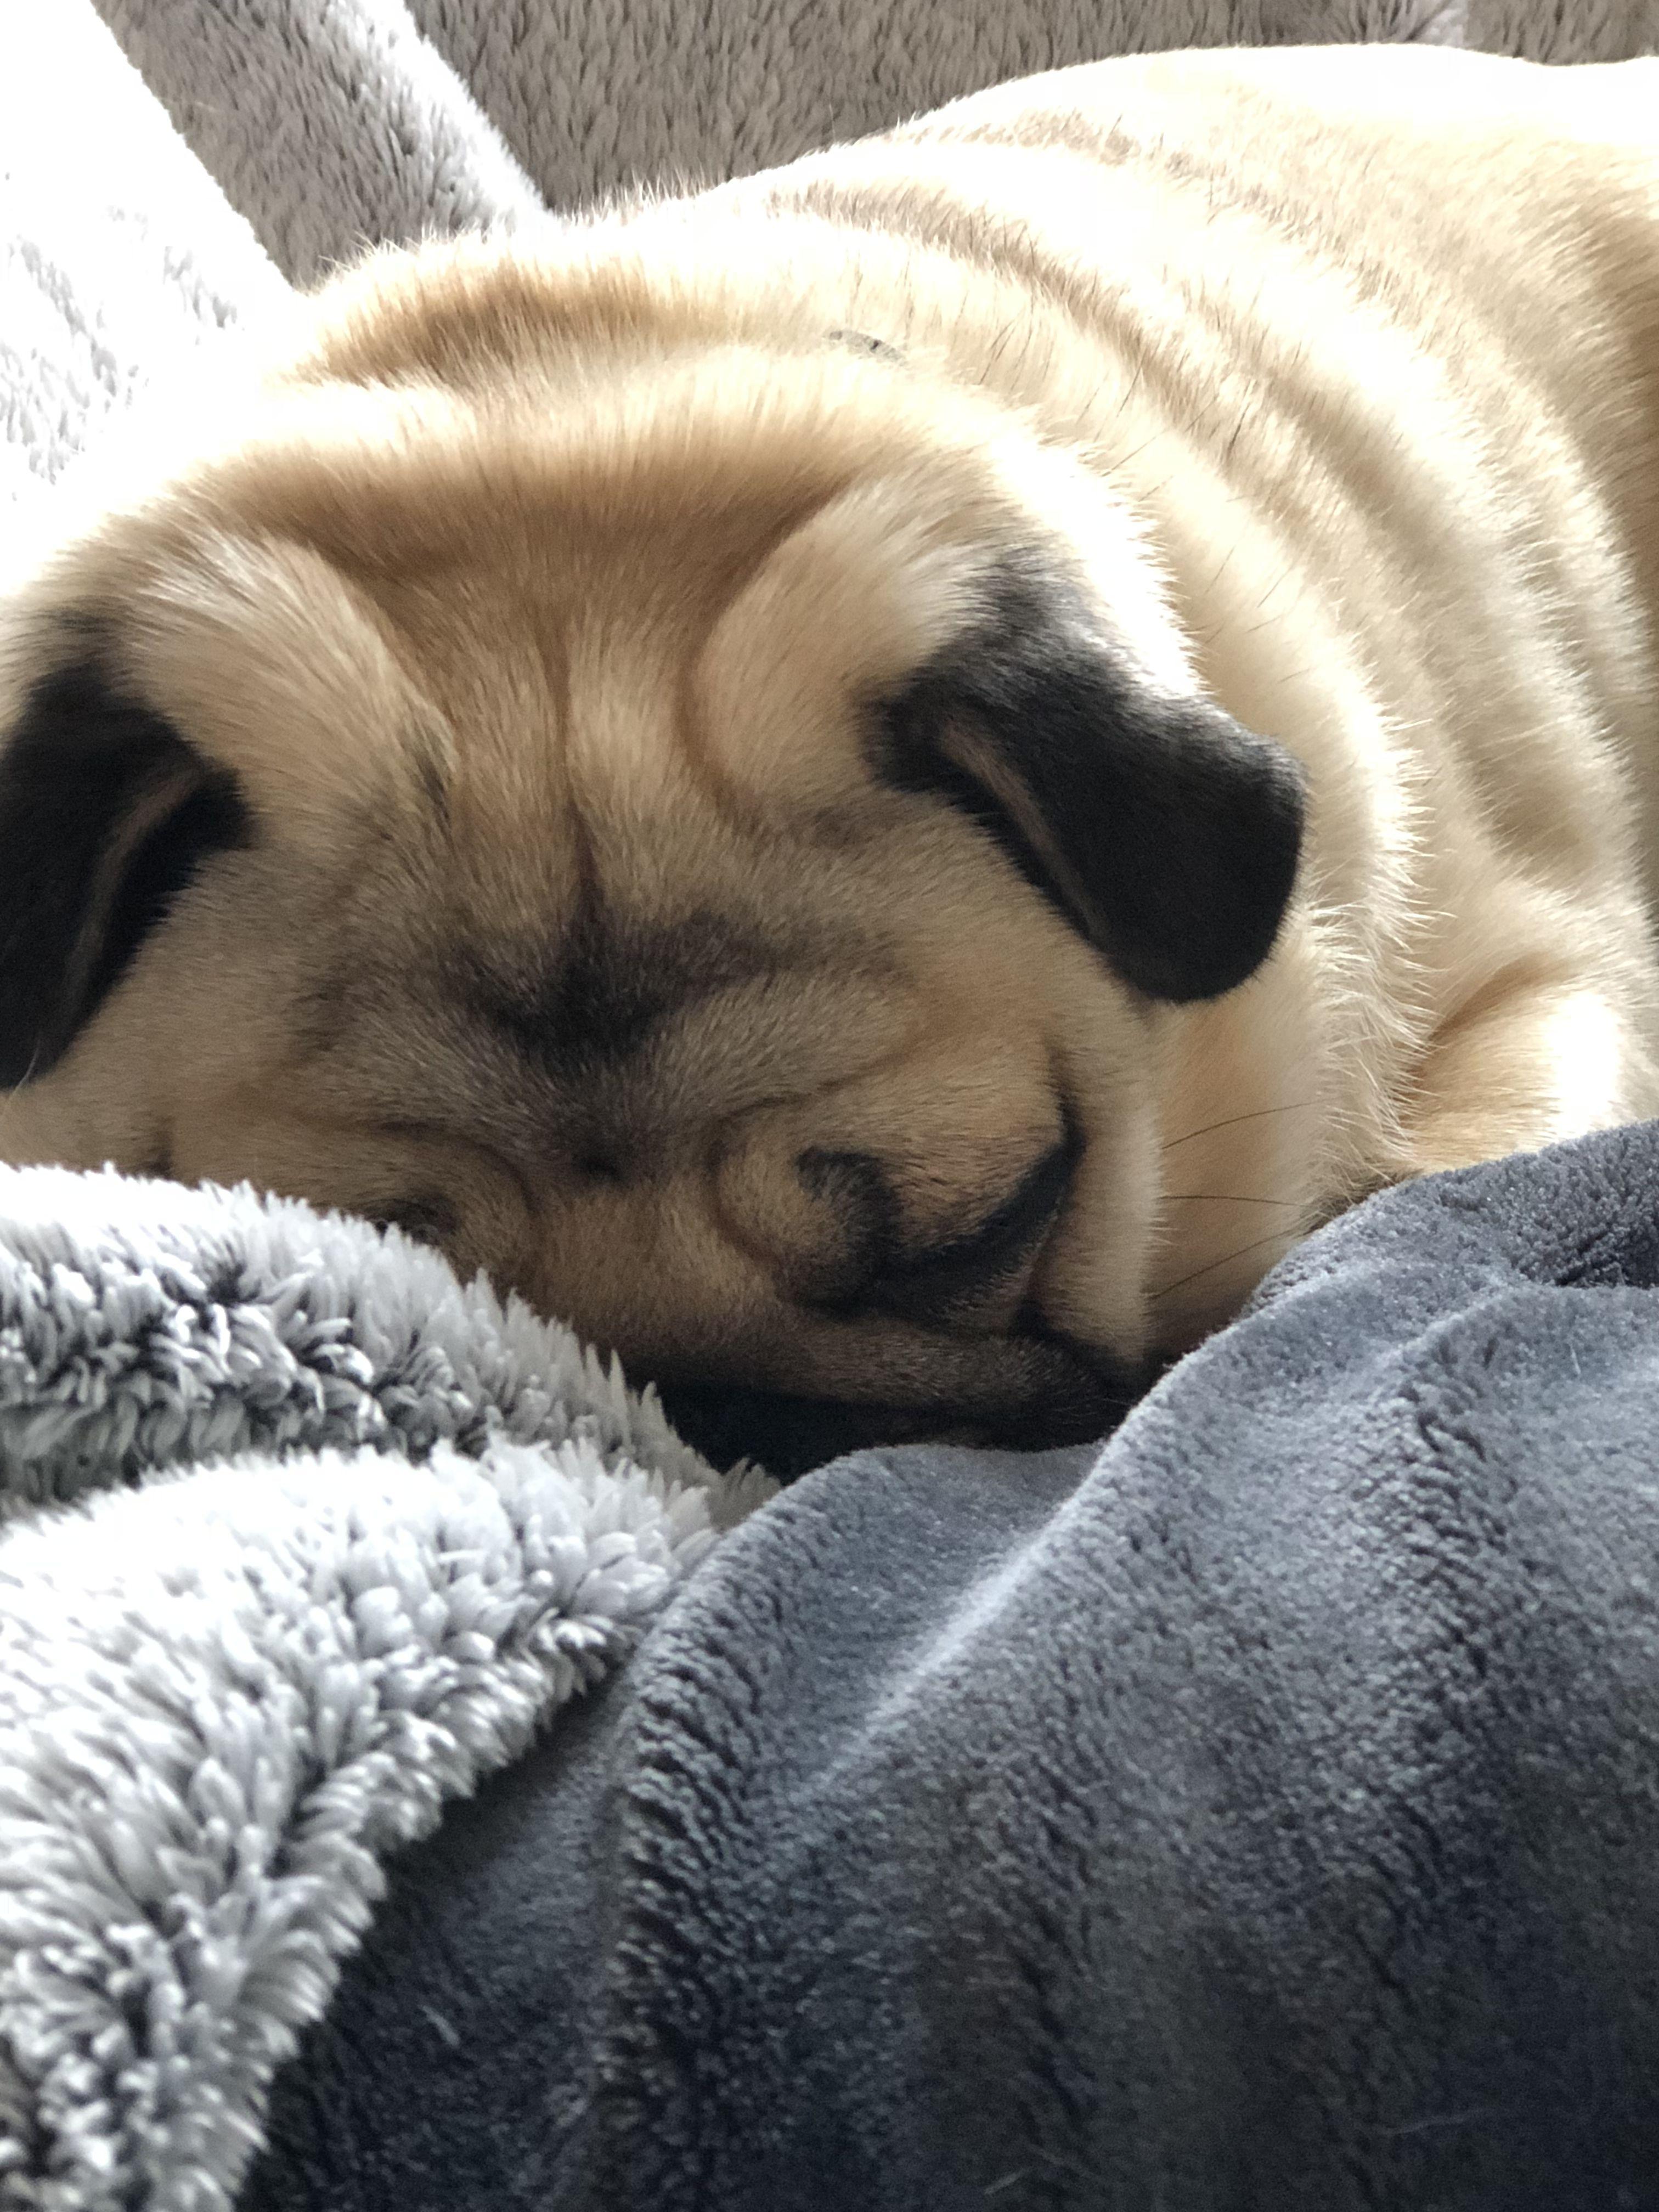 Pug Snuggling Cute Pugs Baby Pugs Pugs